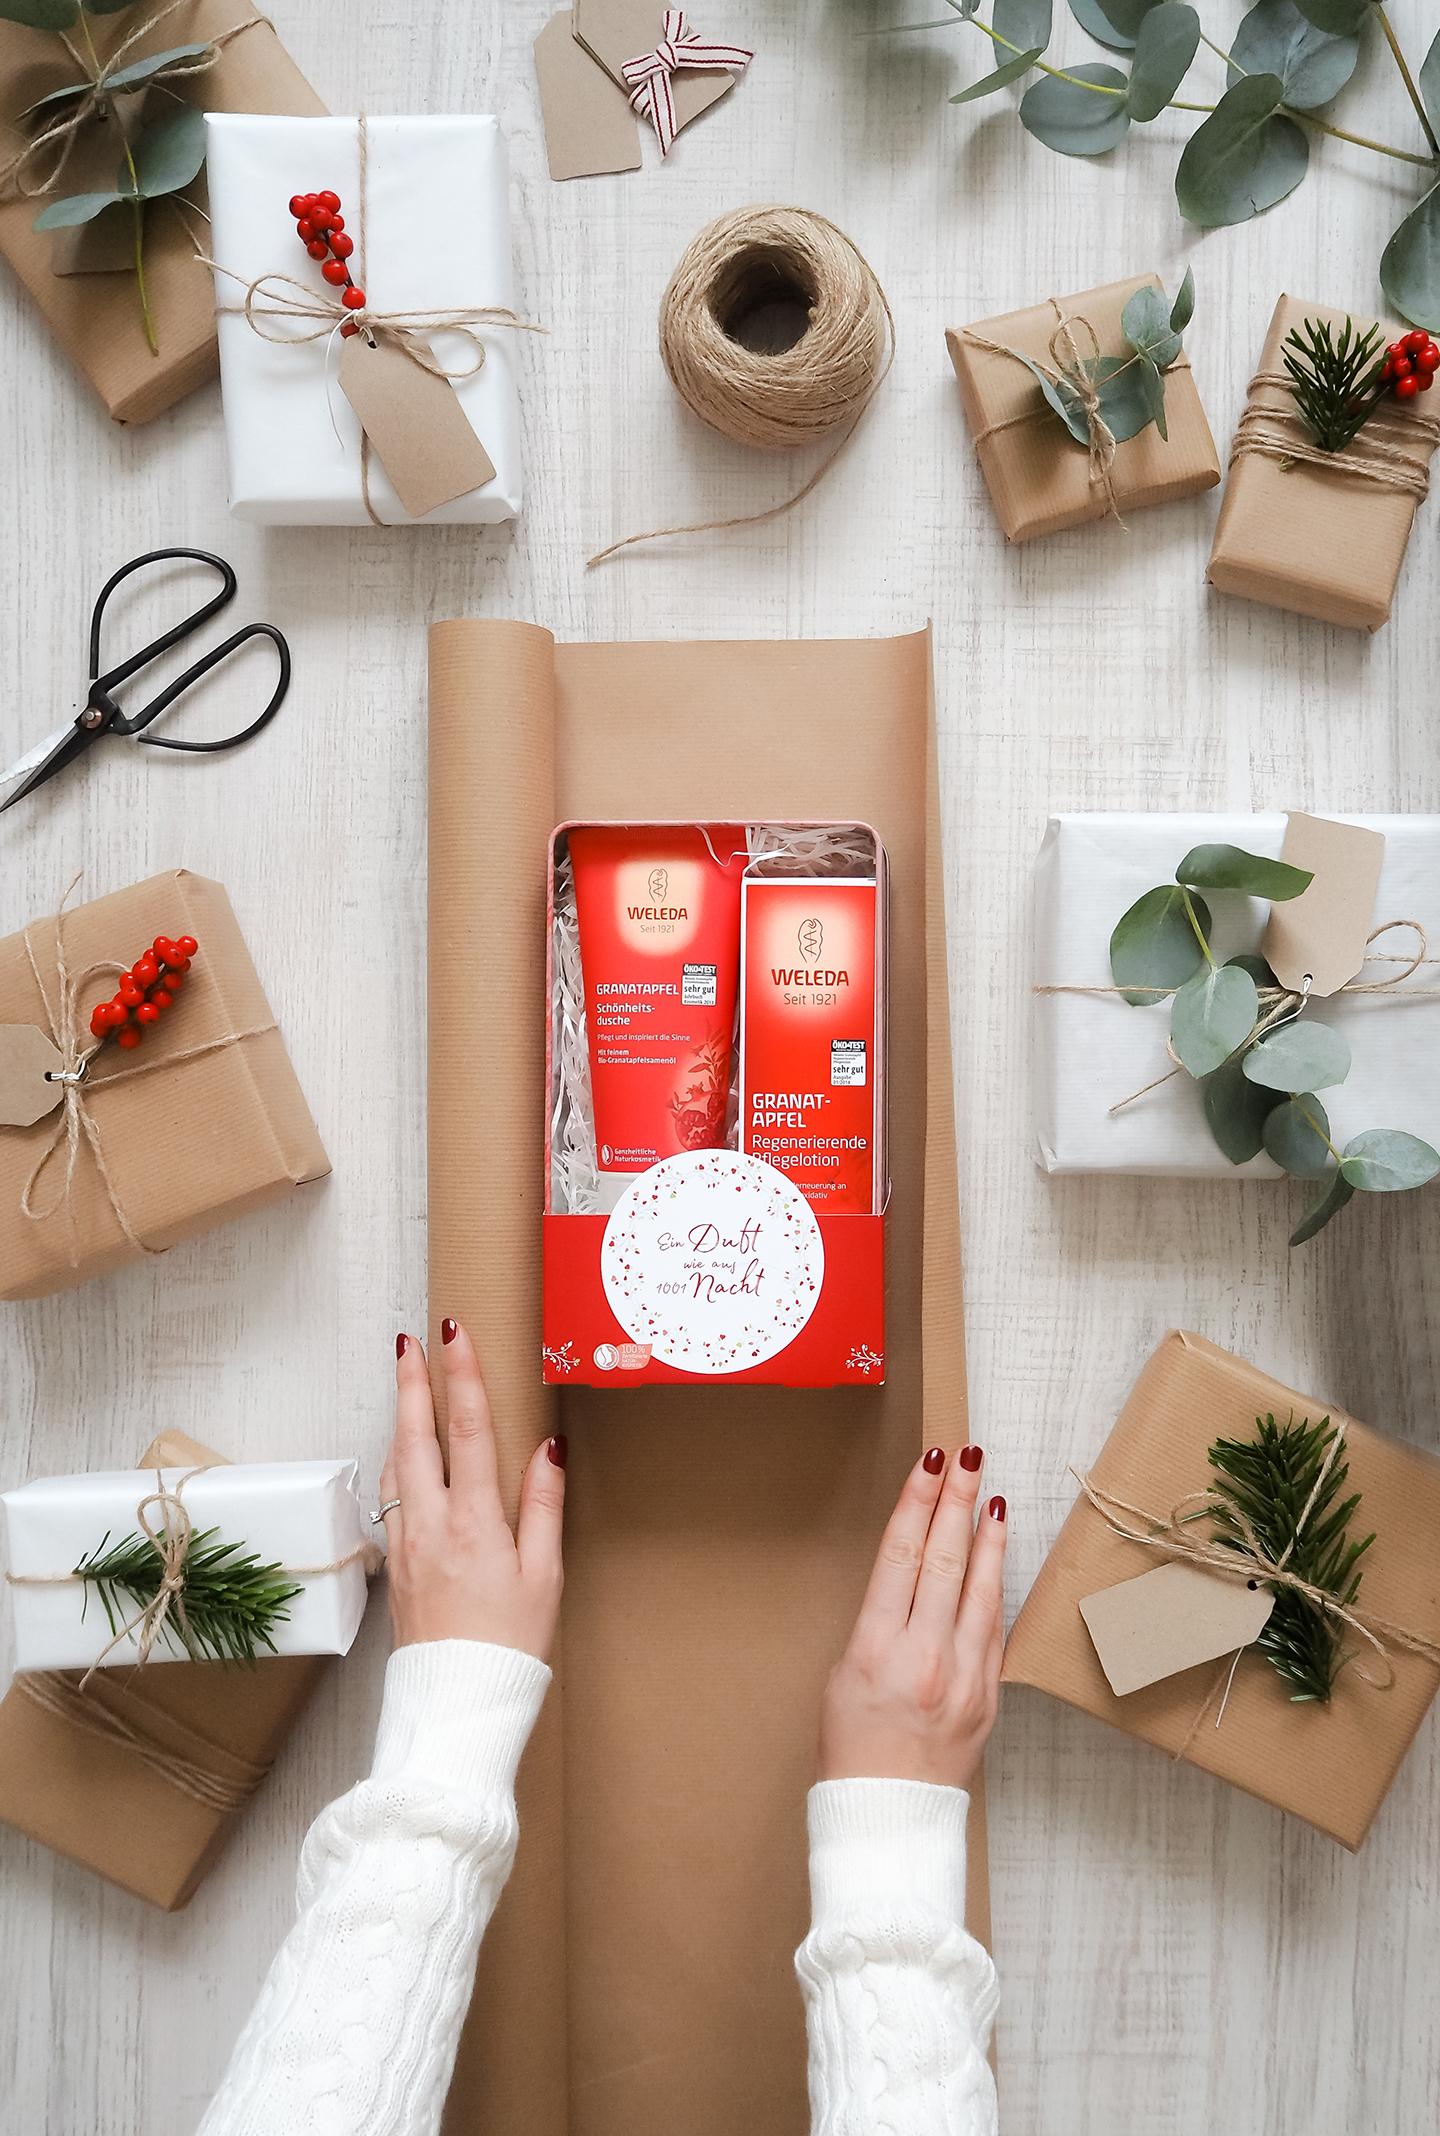 geschenke einpacken kreativ simple with geschenke einpacken kreativ excellent verpacken with. Black Bedroom Furniture Sets. Home Design Ideas